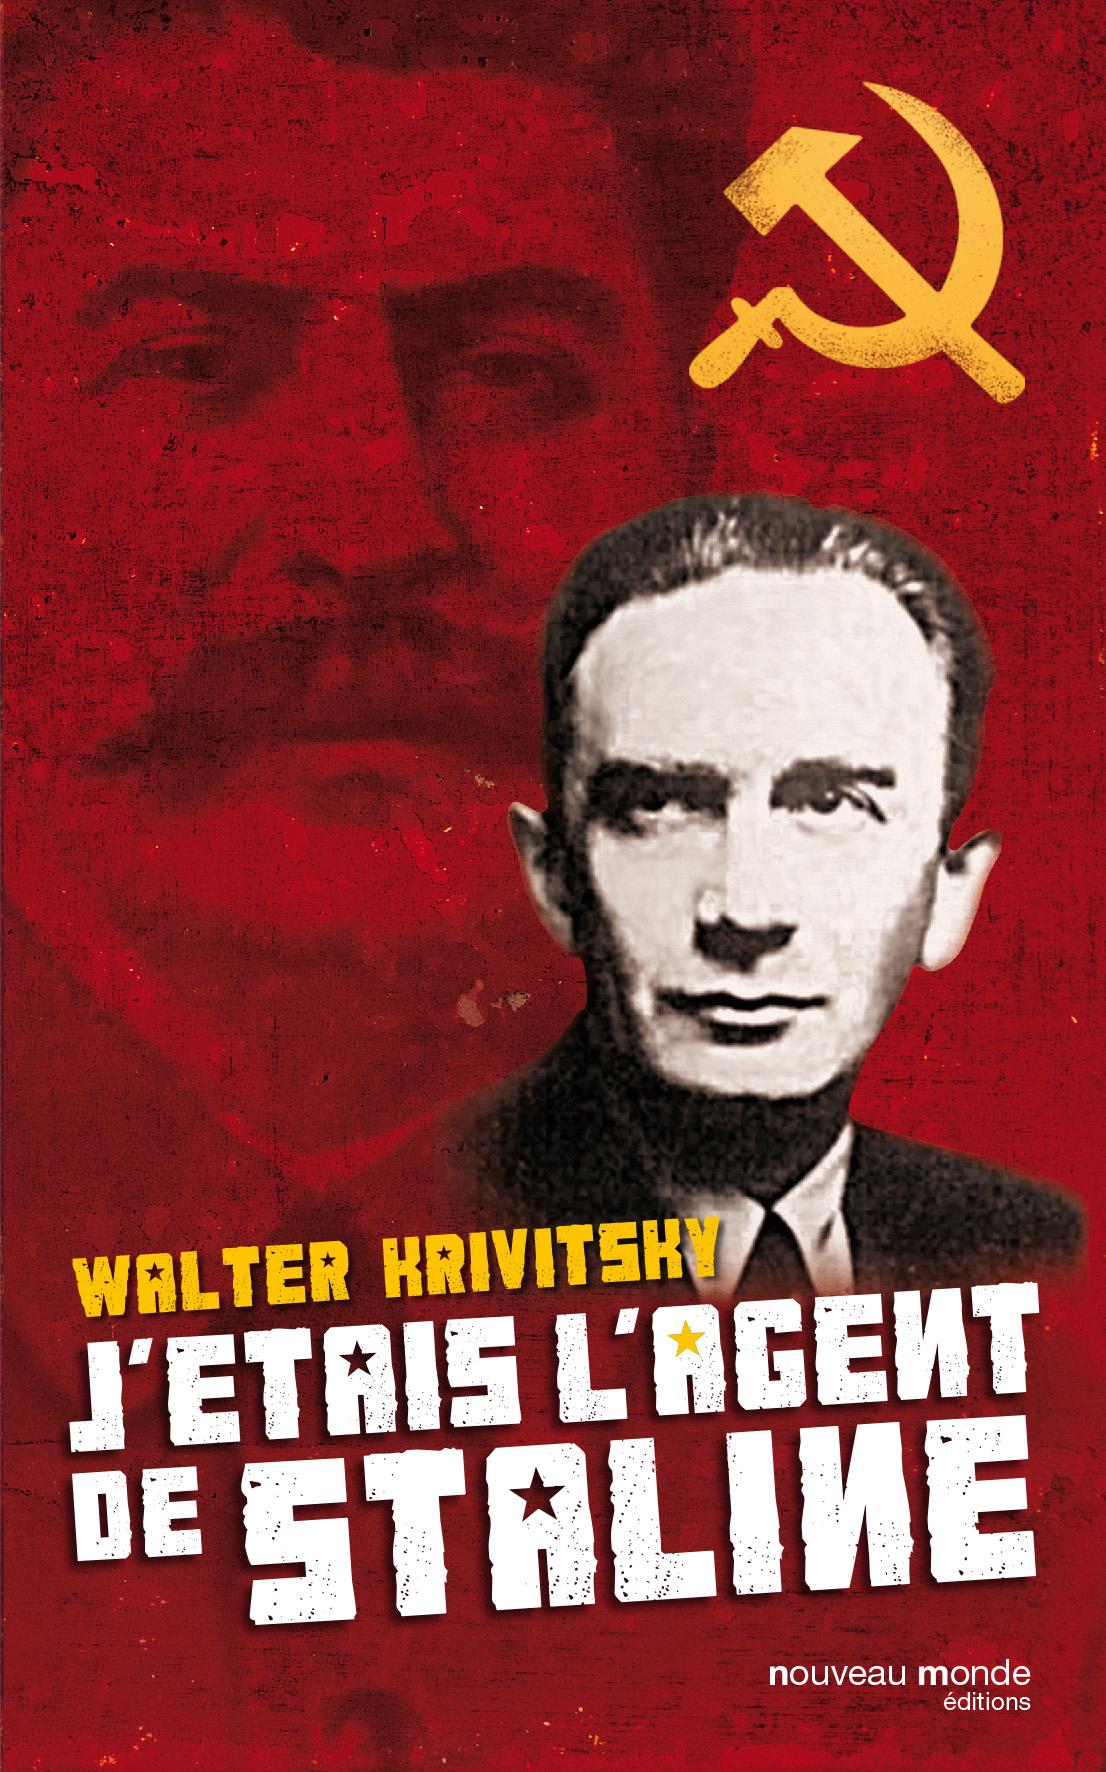 J'étais l'agent de Staline